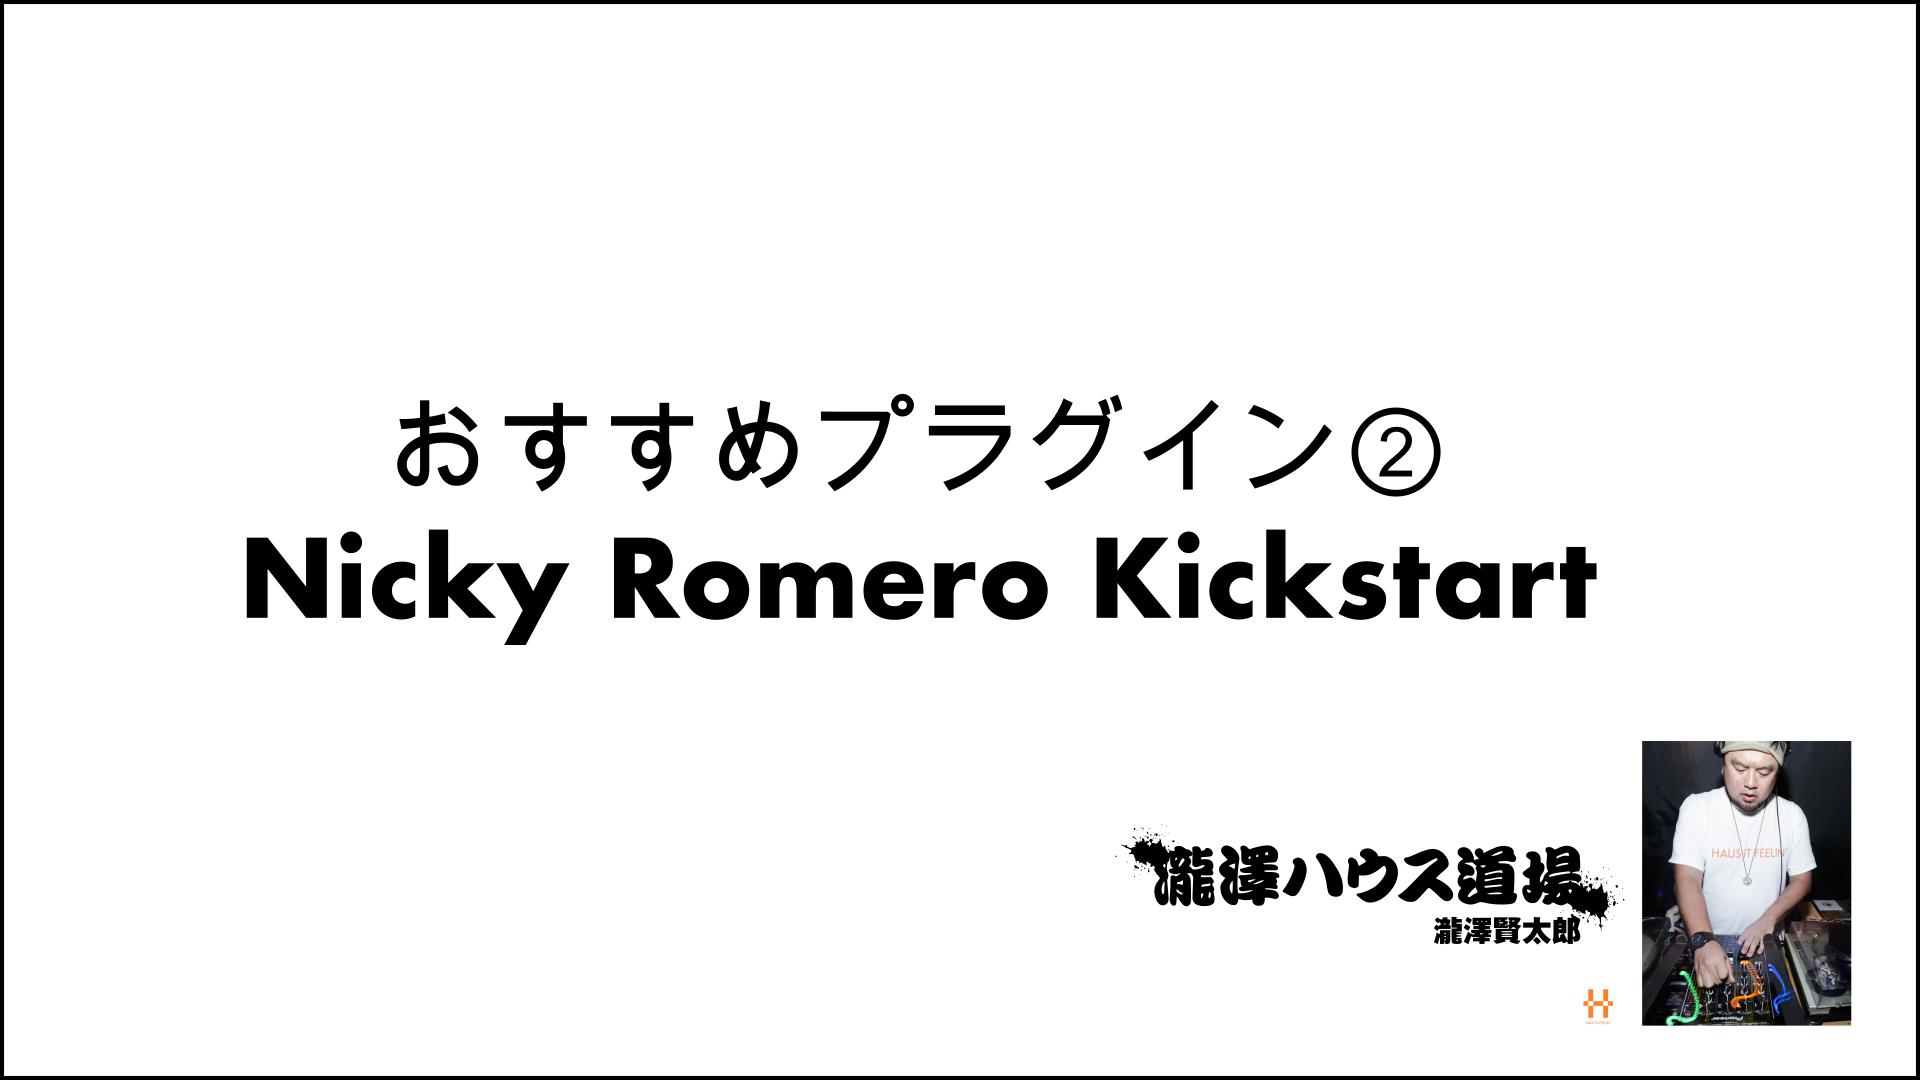 おすすめプラグイン② Kickstart 200923